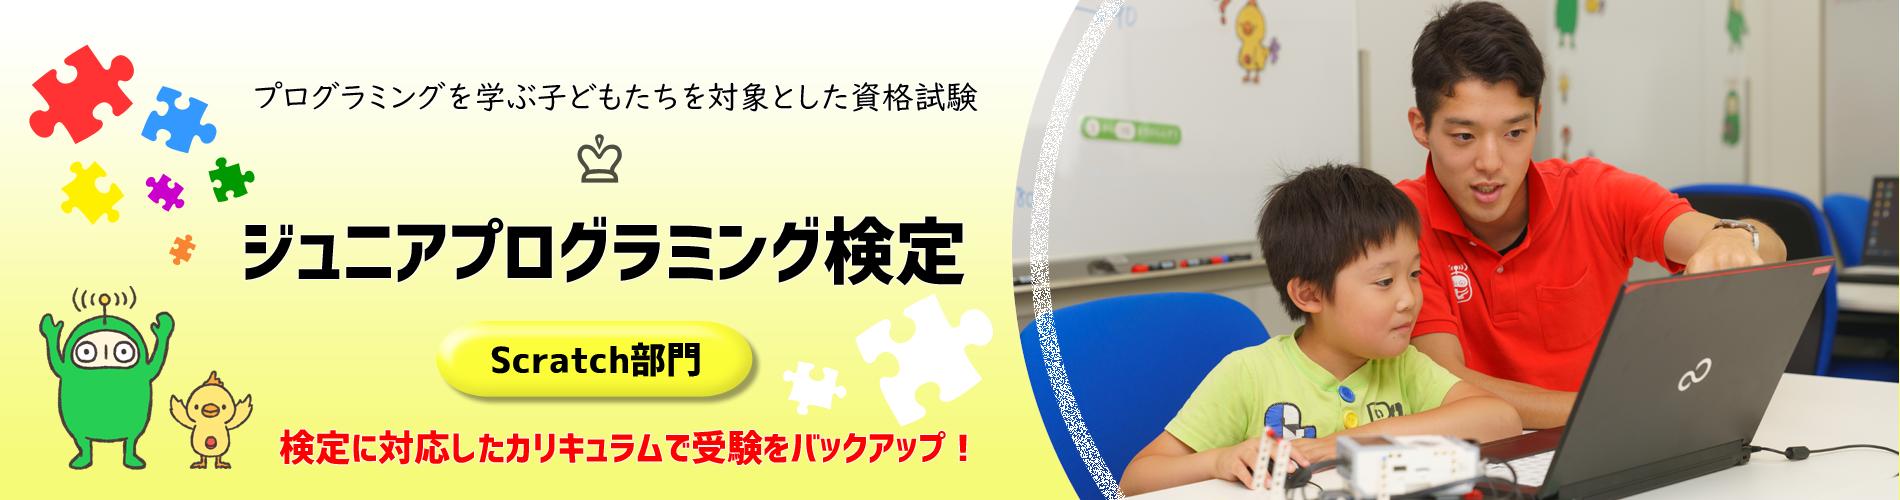 子ども向けプログラミング教室F@ITKidsClub(ファイトキッズクラブ)ジュニアプログラミング検定を受験できます。